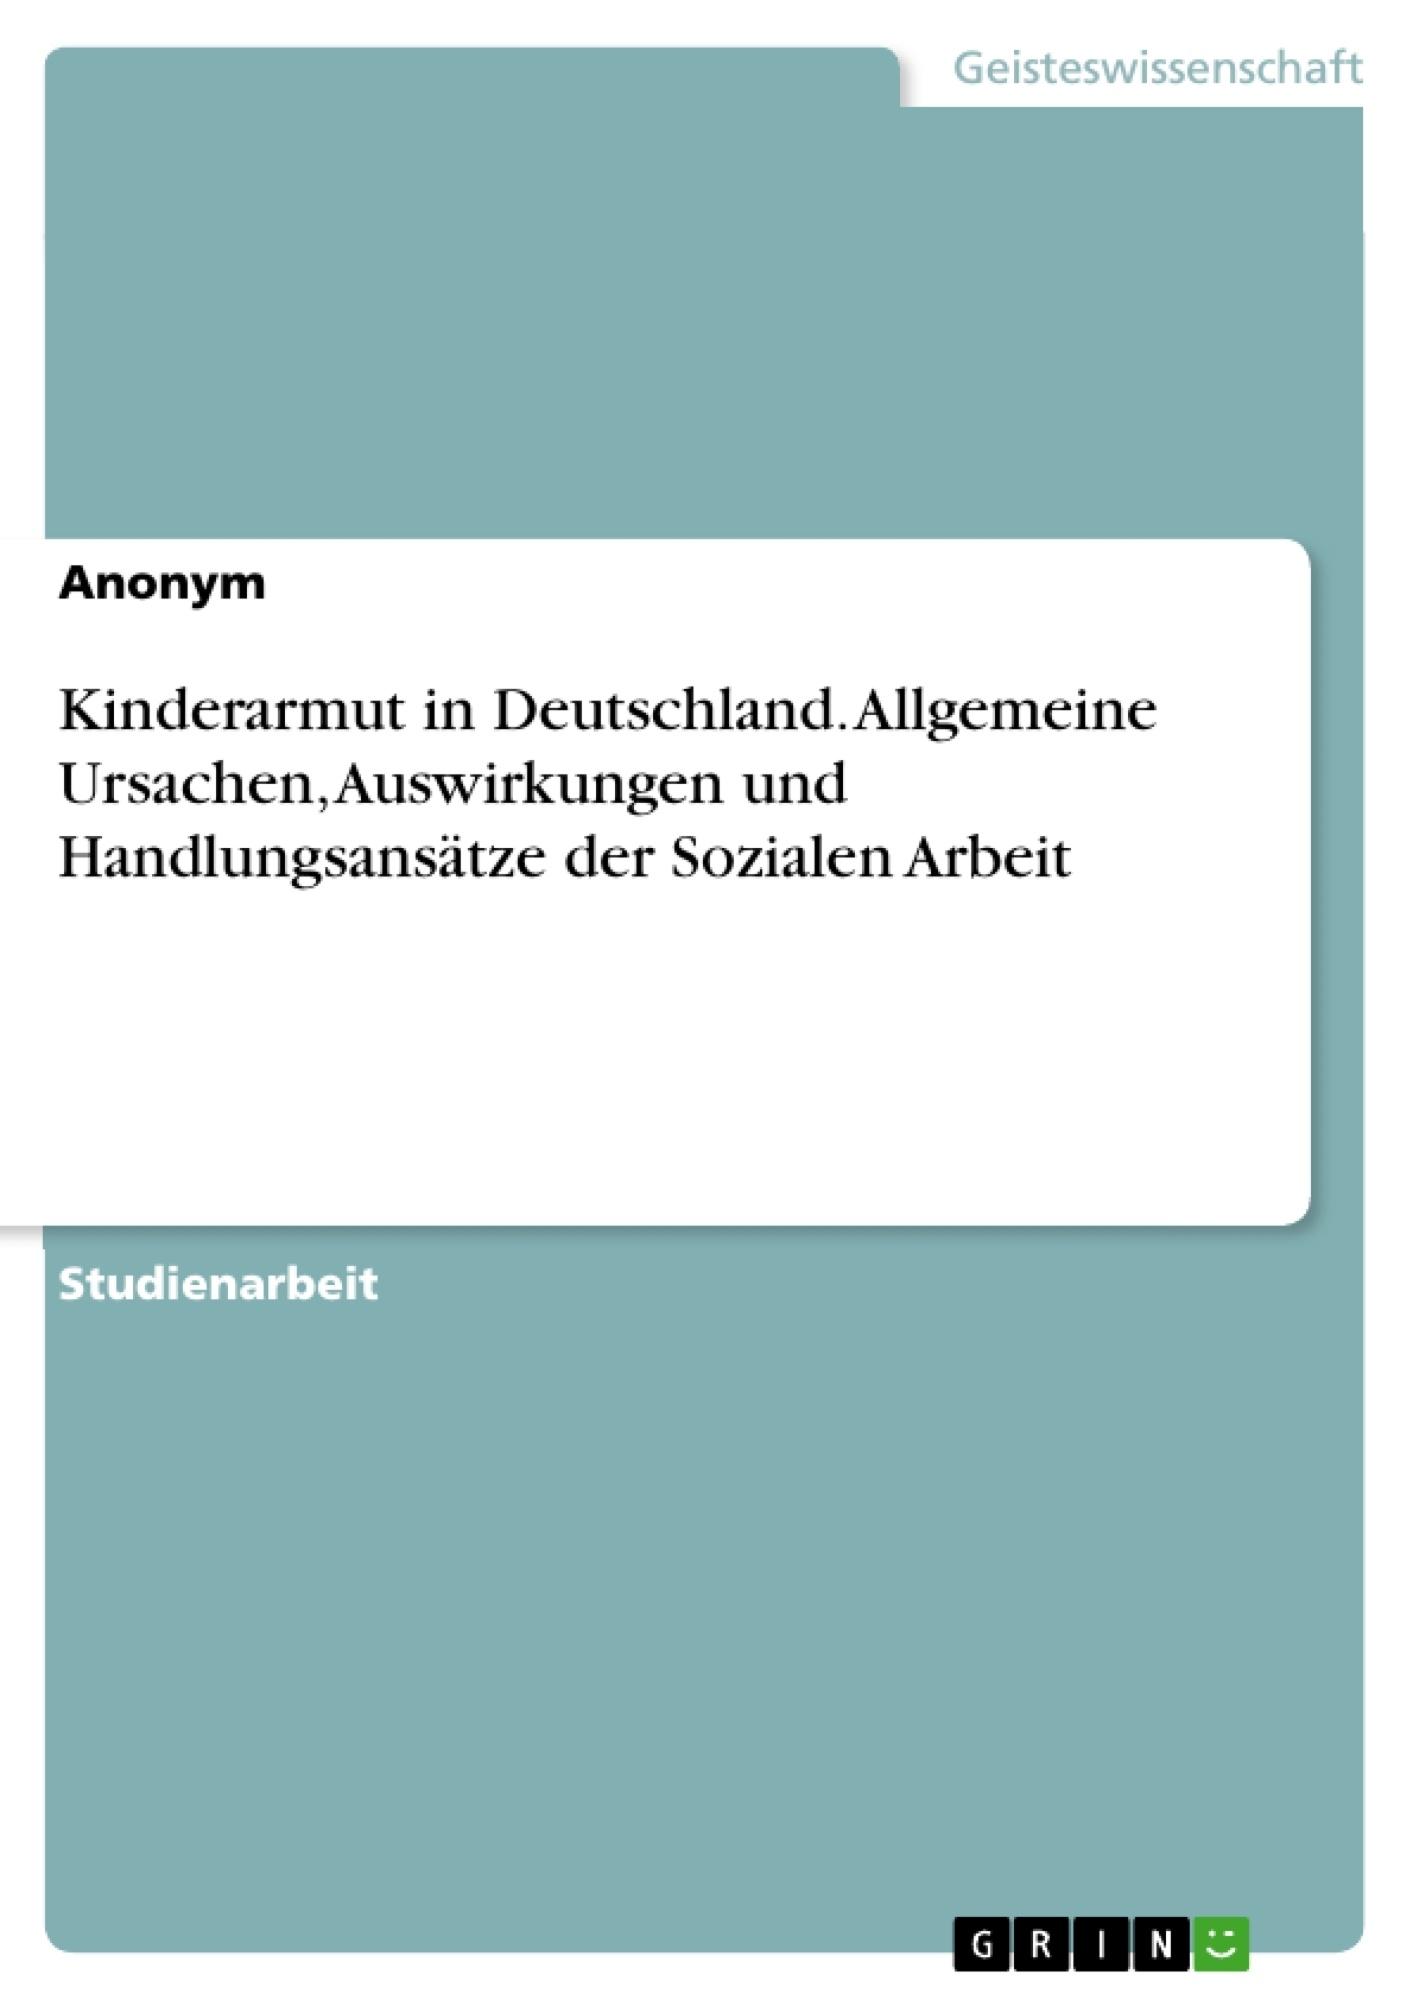 Titel: Kinderarmut in Deutschland. Allgemeine Ursachen, Auswirkungen und Handlungsansätze der Sozialen Arbeit